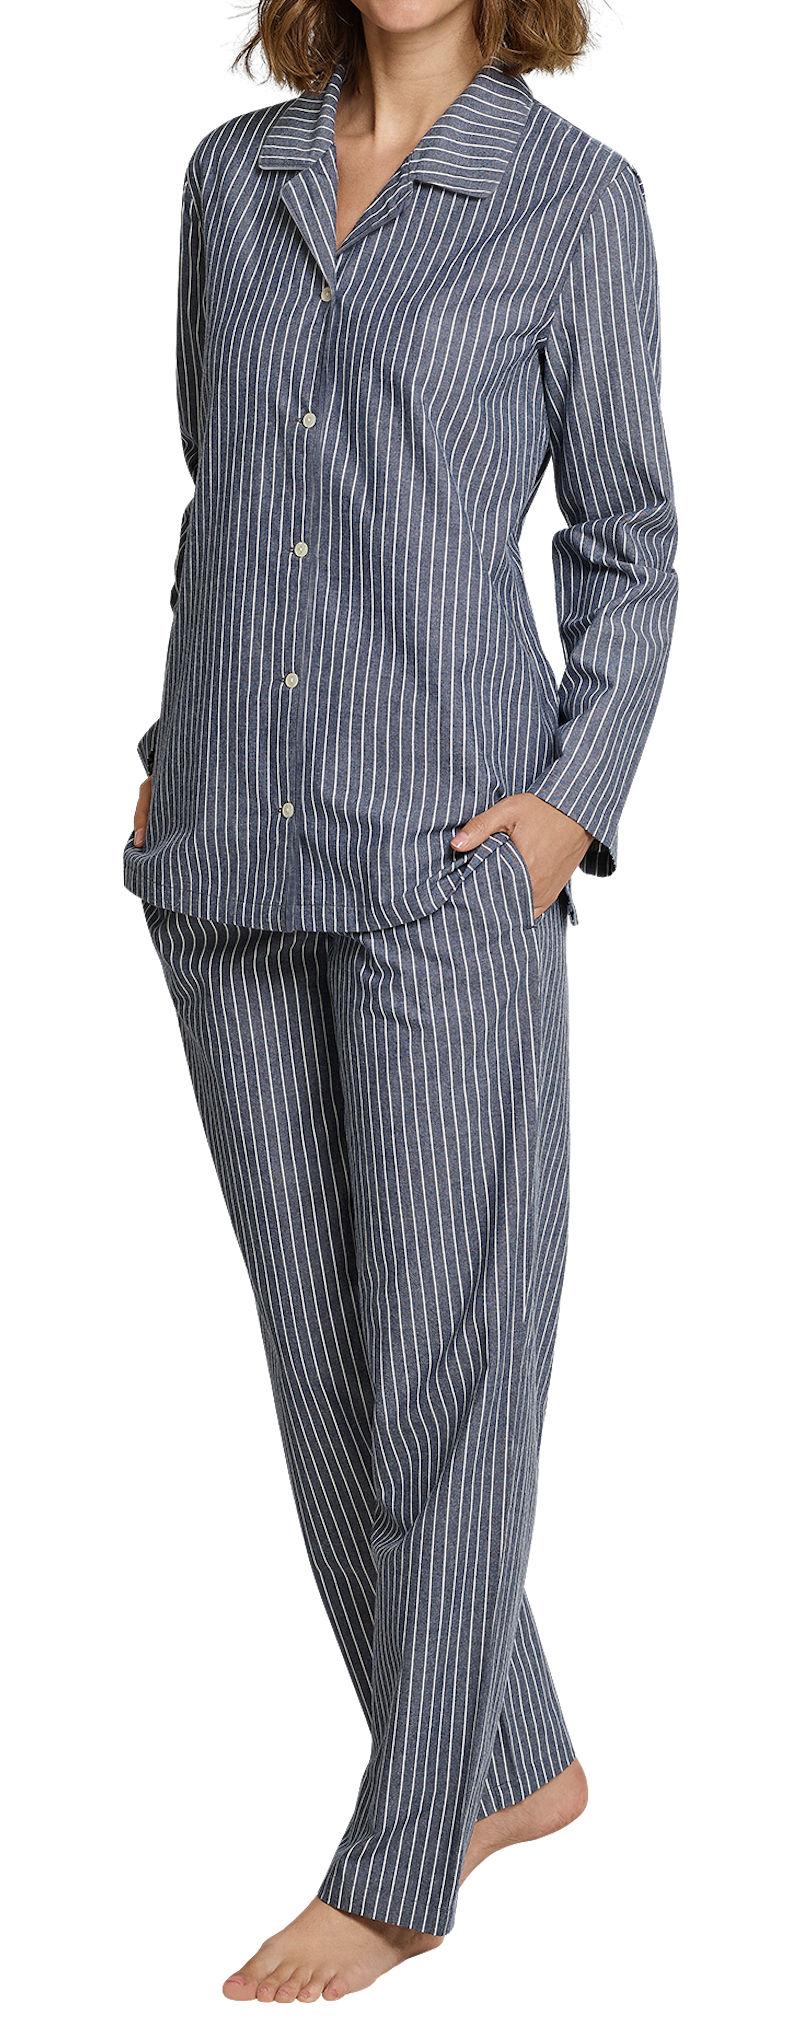 new style 5111e c6482 Seidensticker Schlafanzug Damen lang Flanell 163560-804